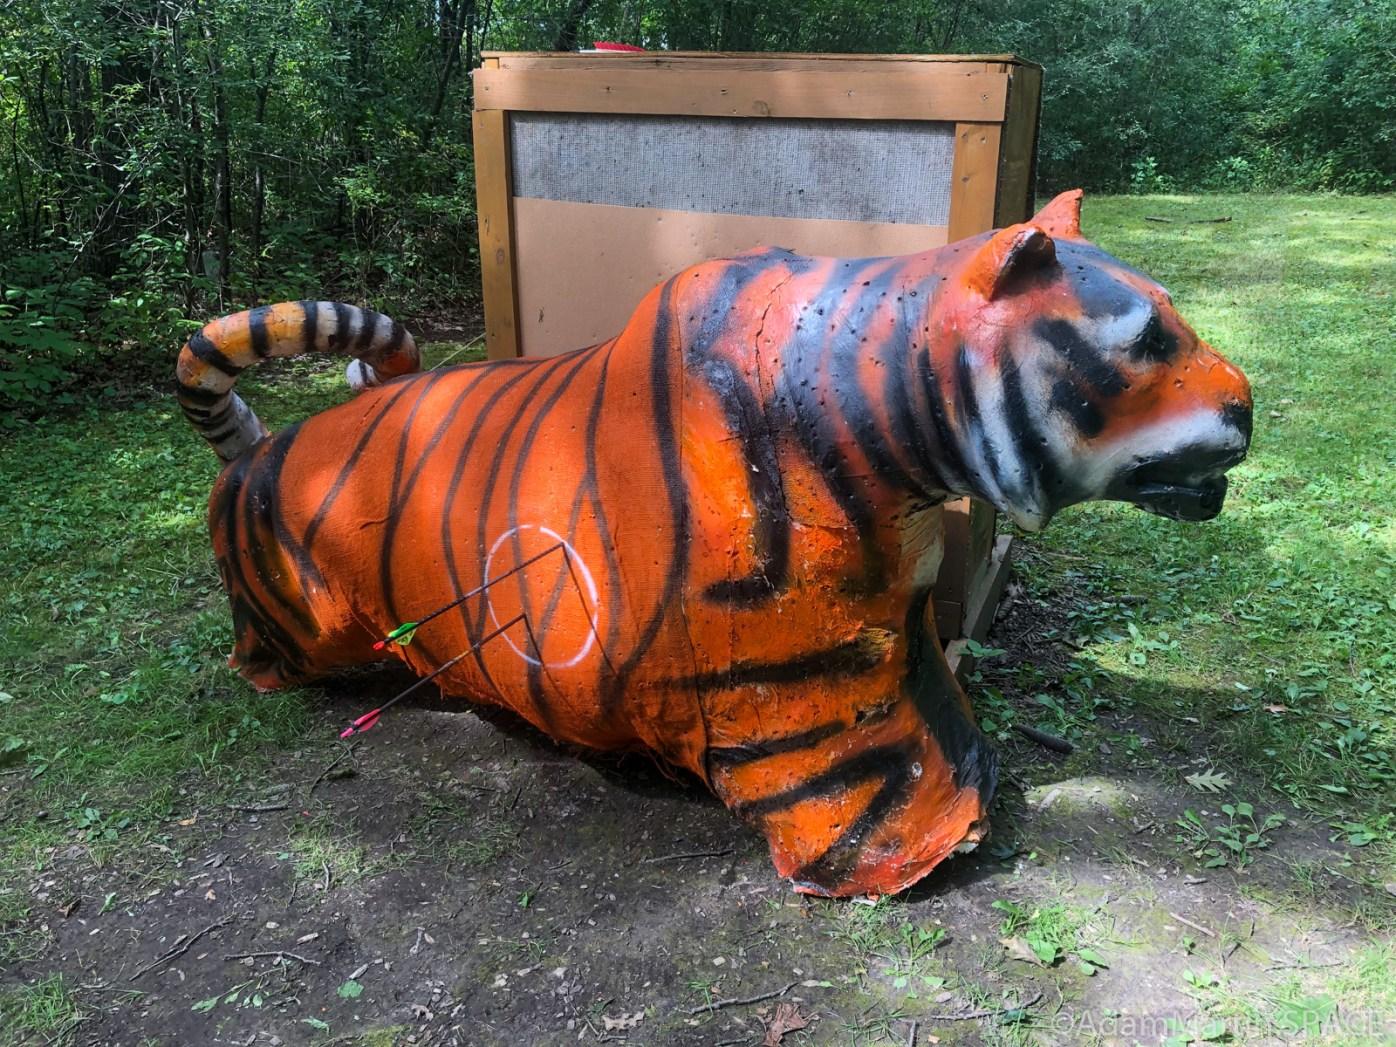 Safari Shoot @ West Allis Bowmen - Tiger target